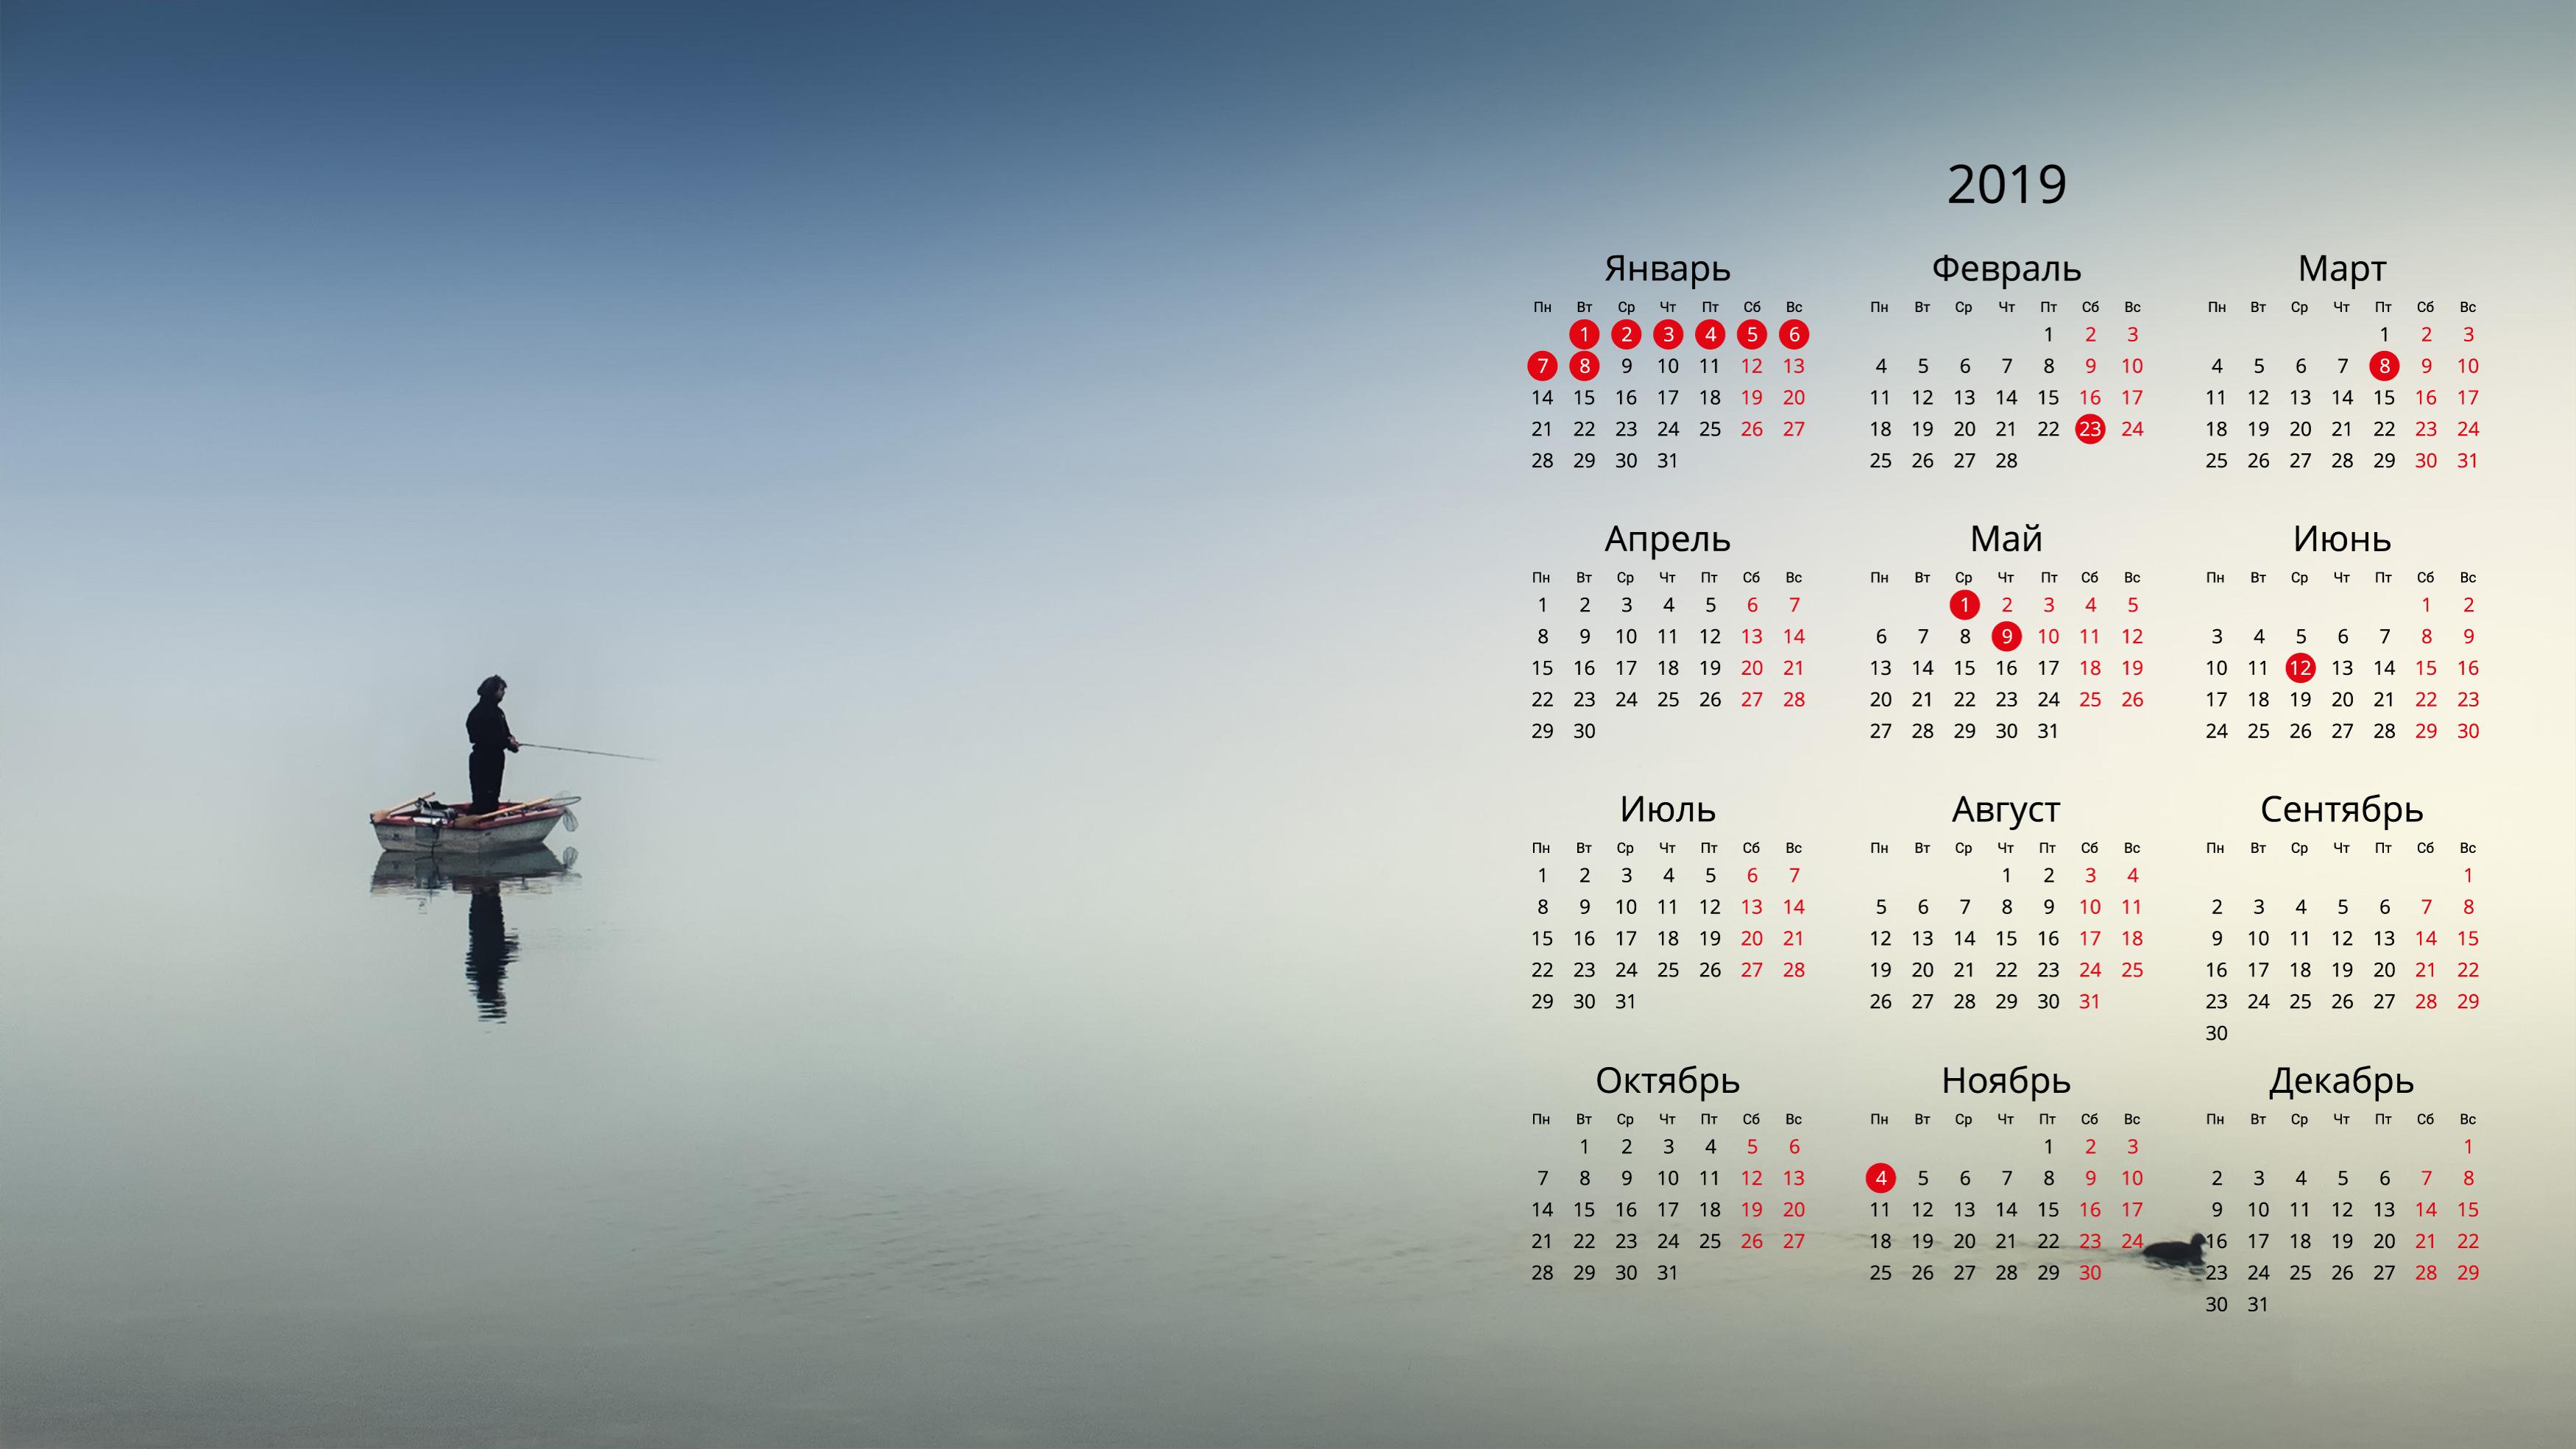 обои на рабочий стол осень календарь 2019 15453